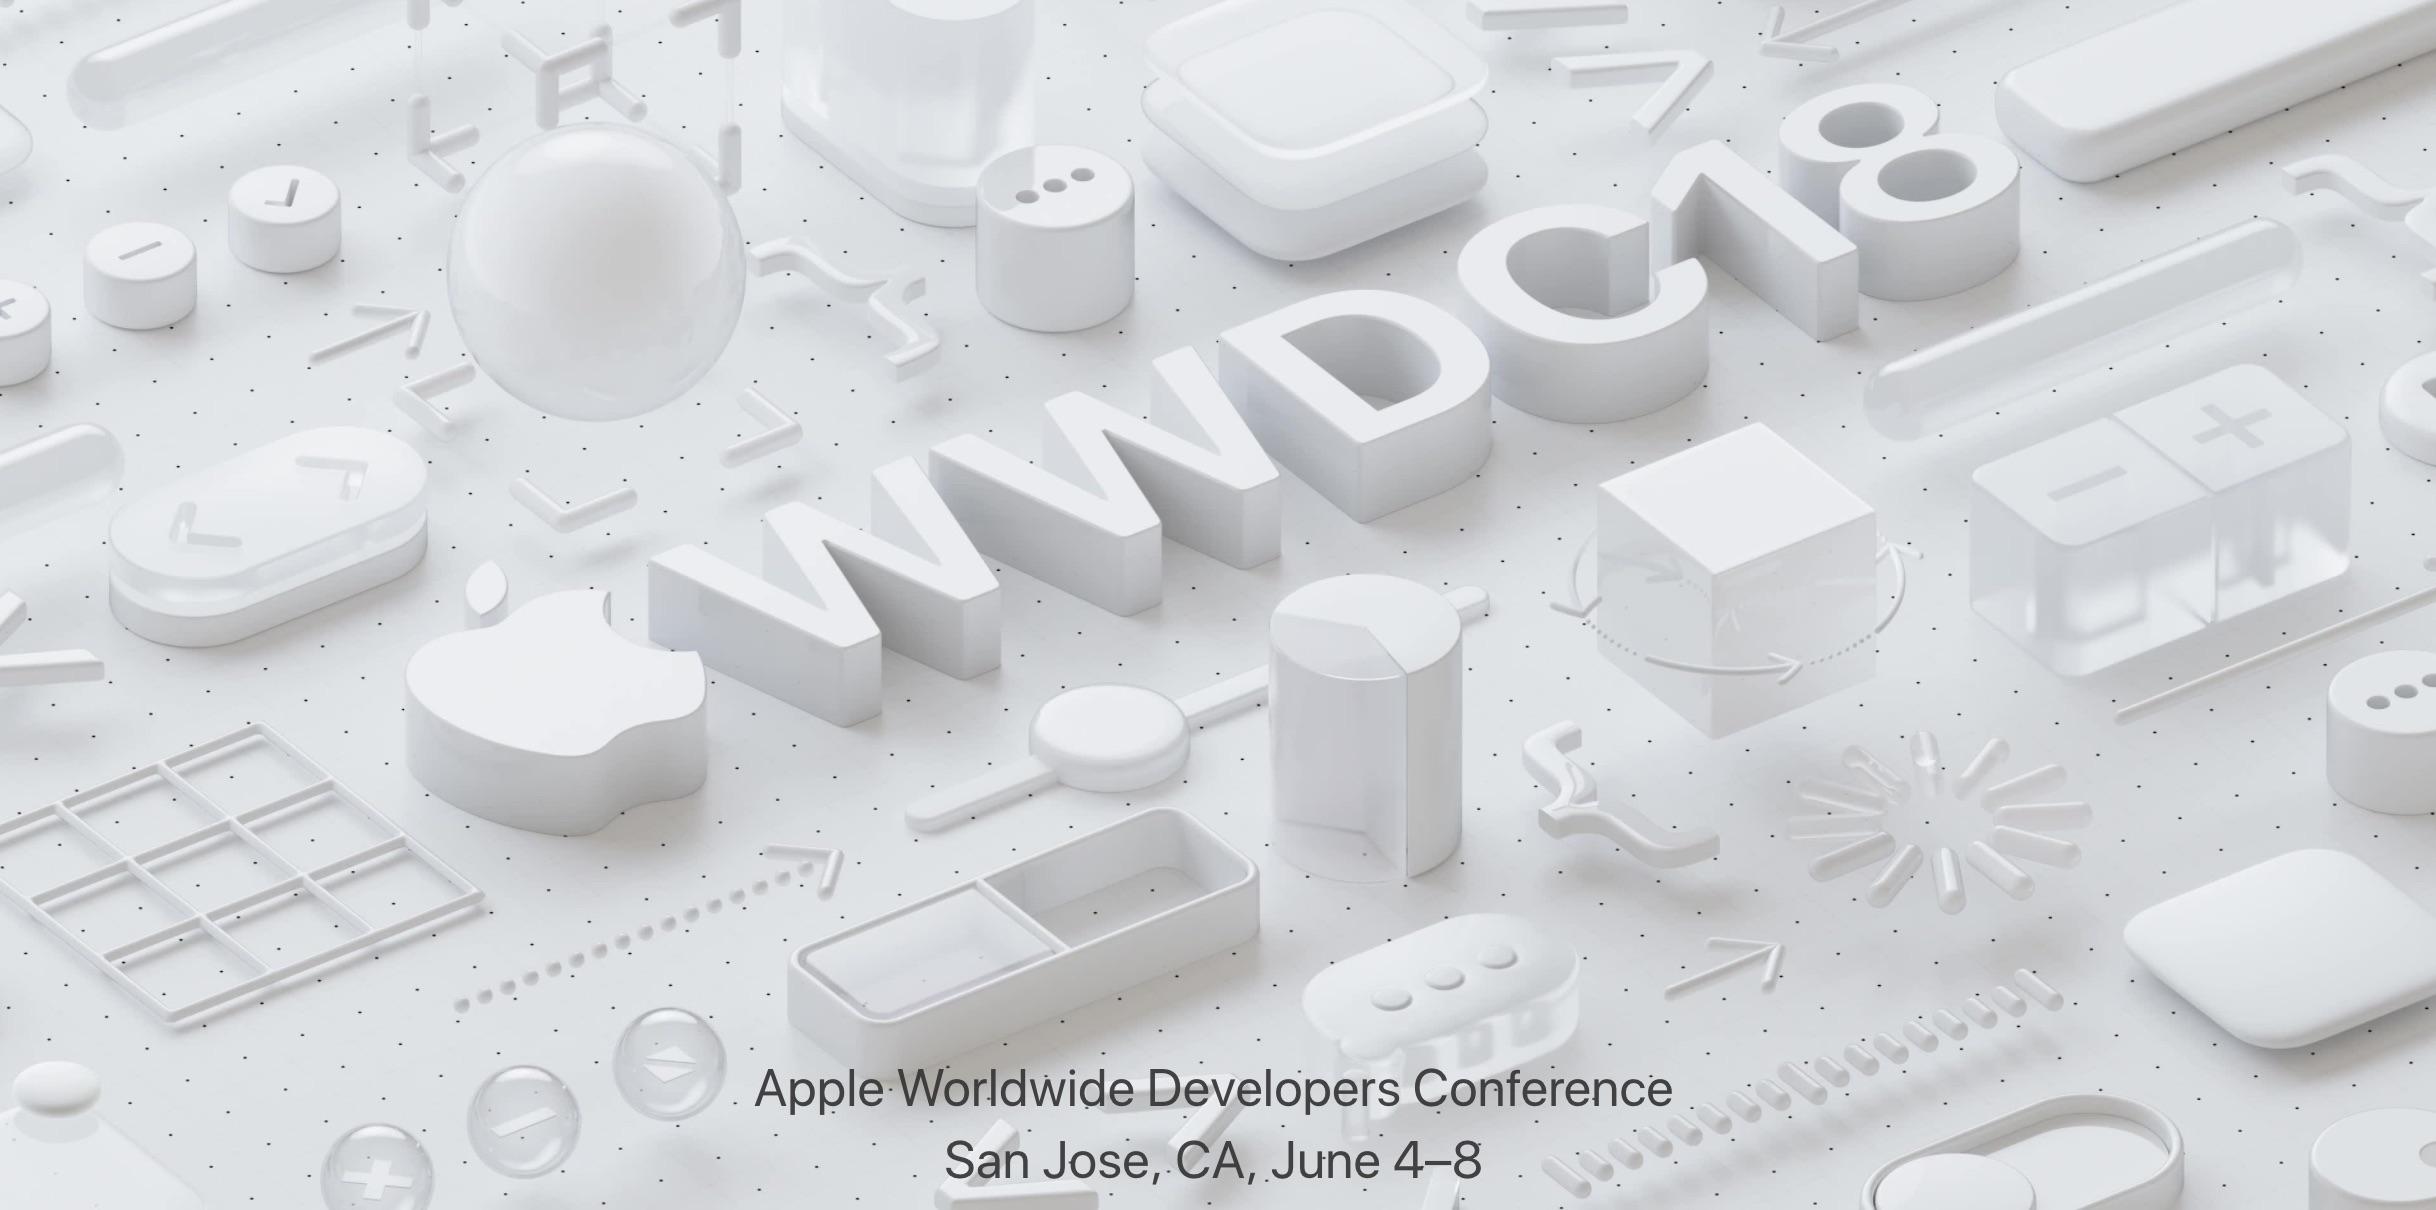 Apple Has Notified WWDC 2018 Scholarship Winners